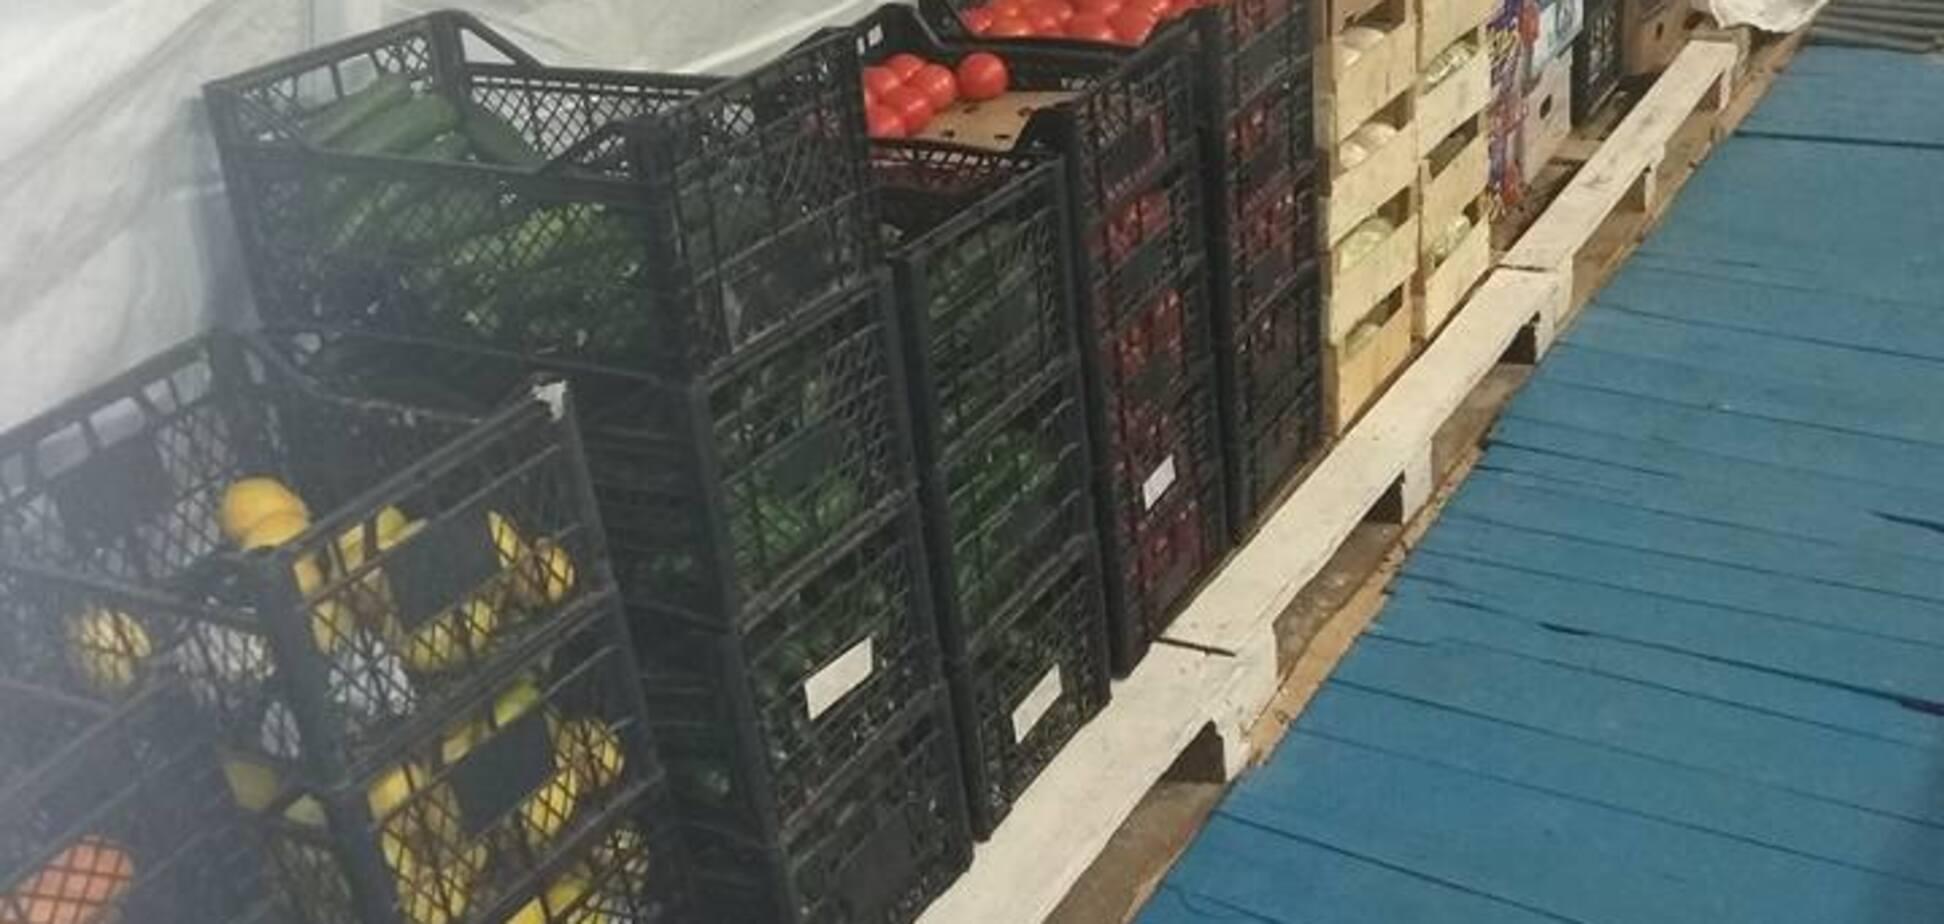 'Не жебракуйти': волонтер 'у фарбах' розповіла про ситуацію з їжею в ЗСУ